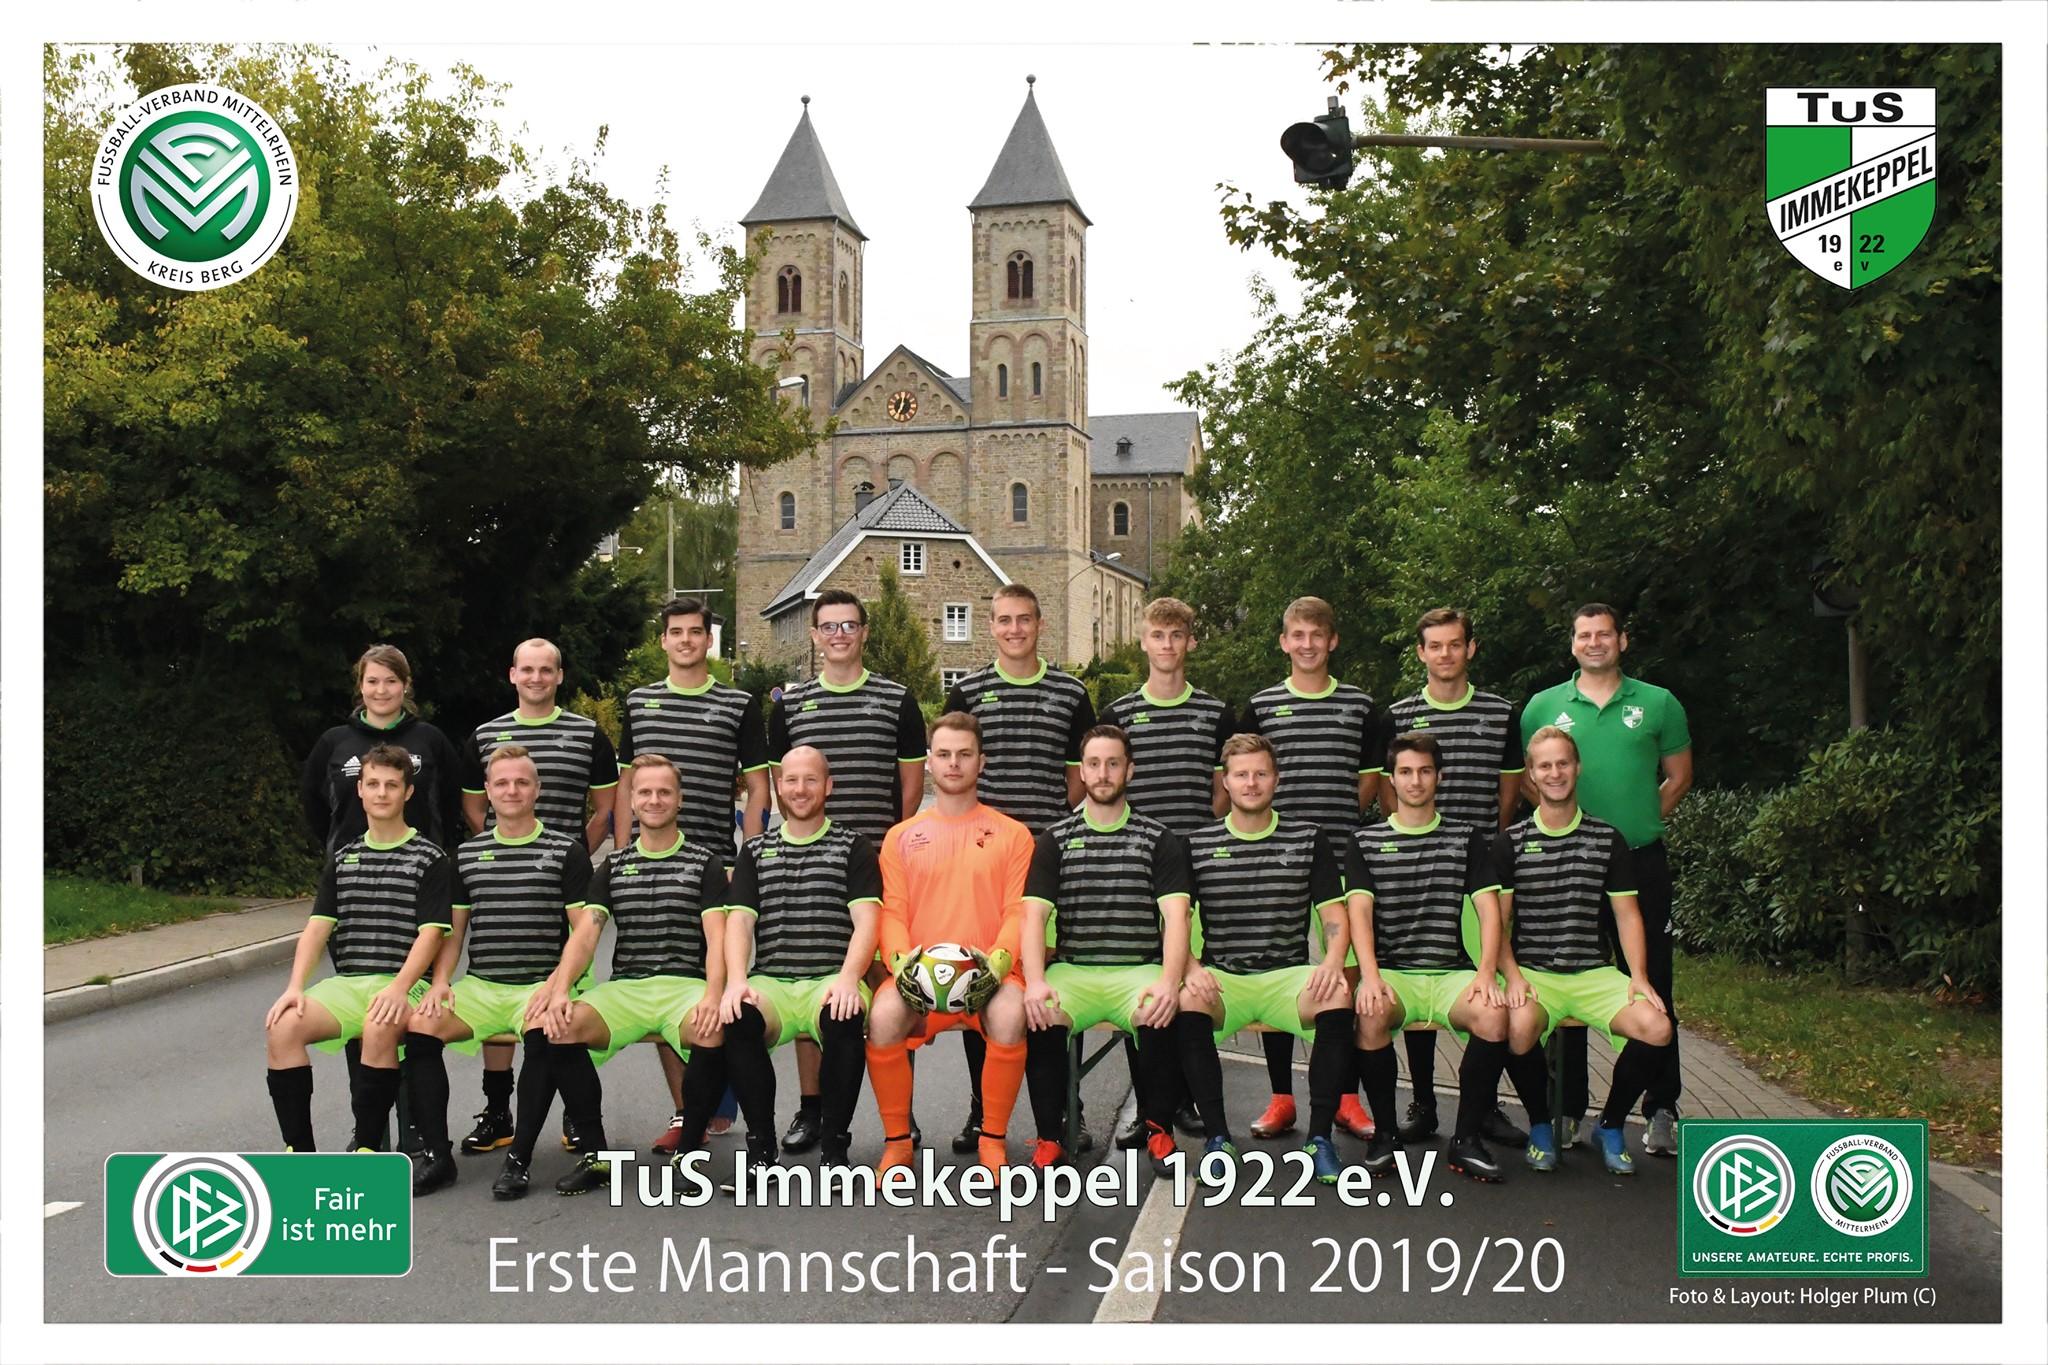 Erste Mannschaft Saison 2019/20